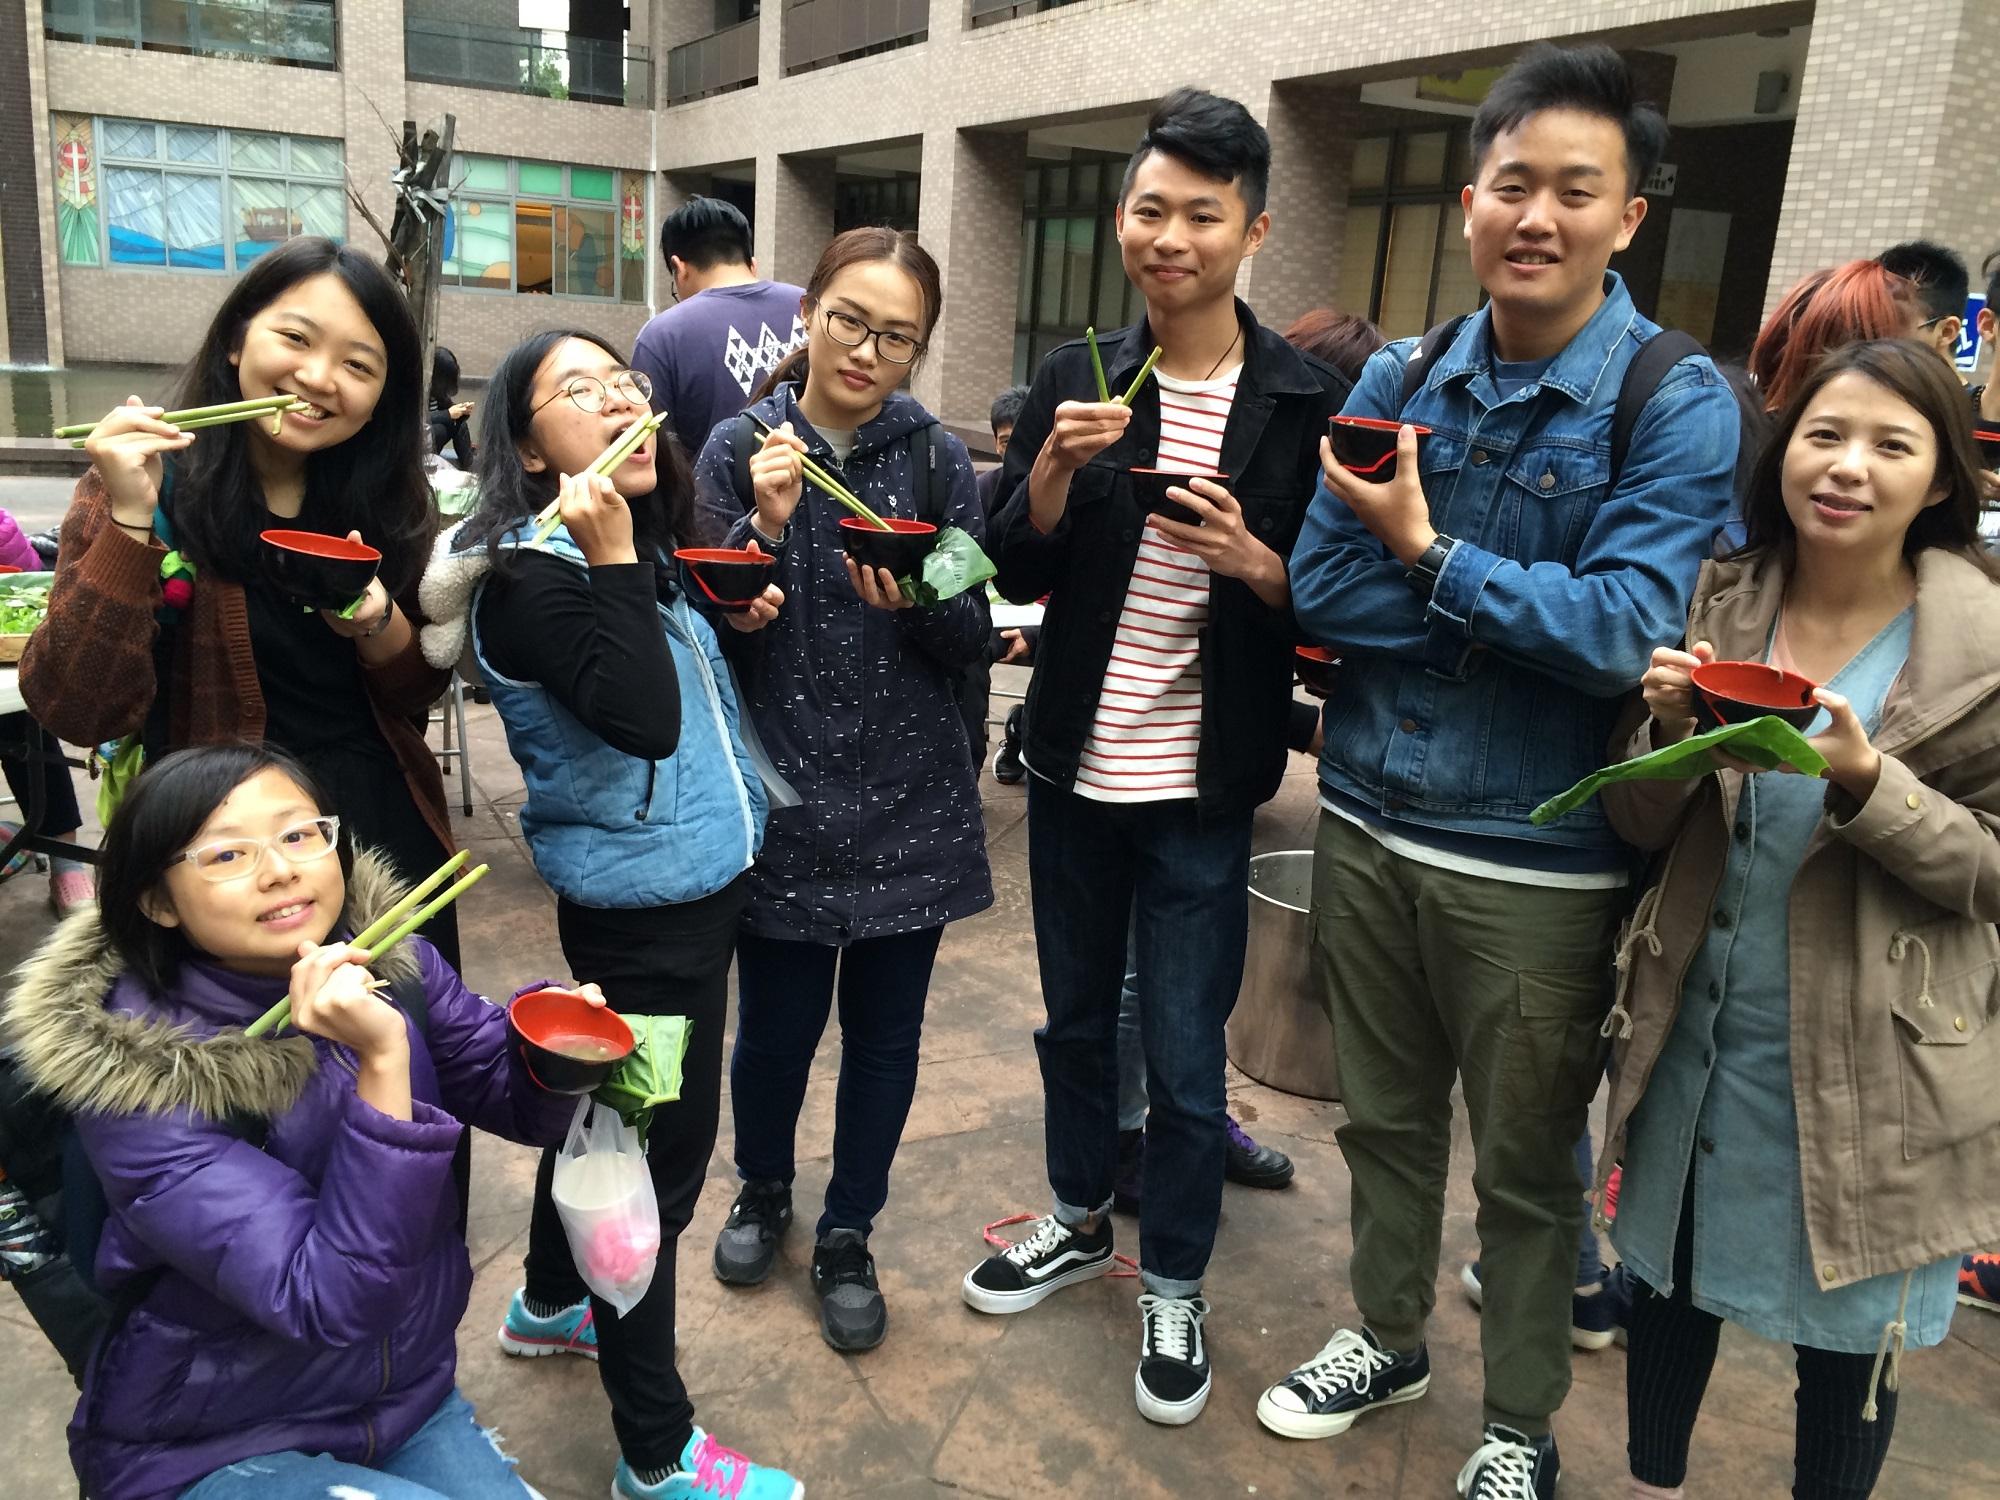 中原大學用美食 傳承學習原住民文化